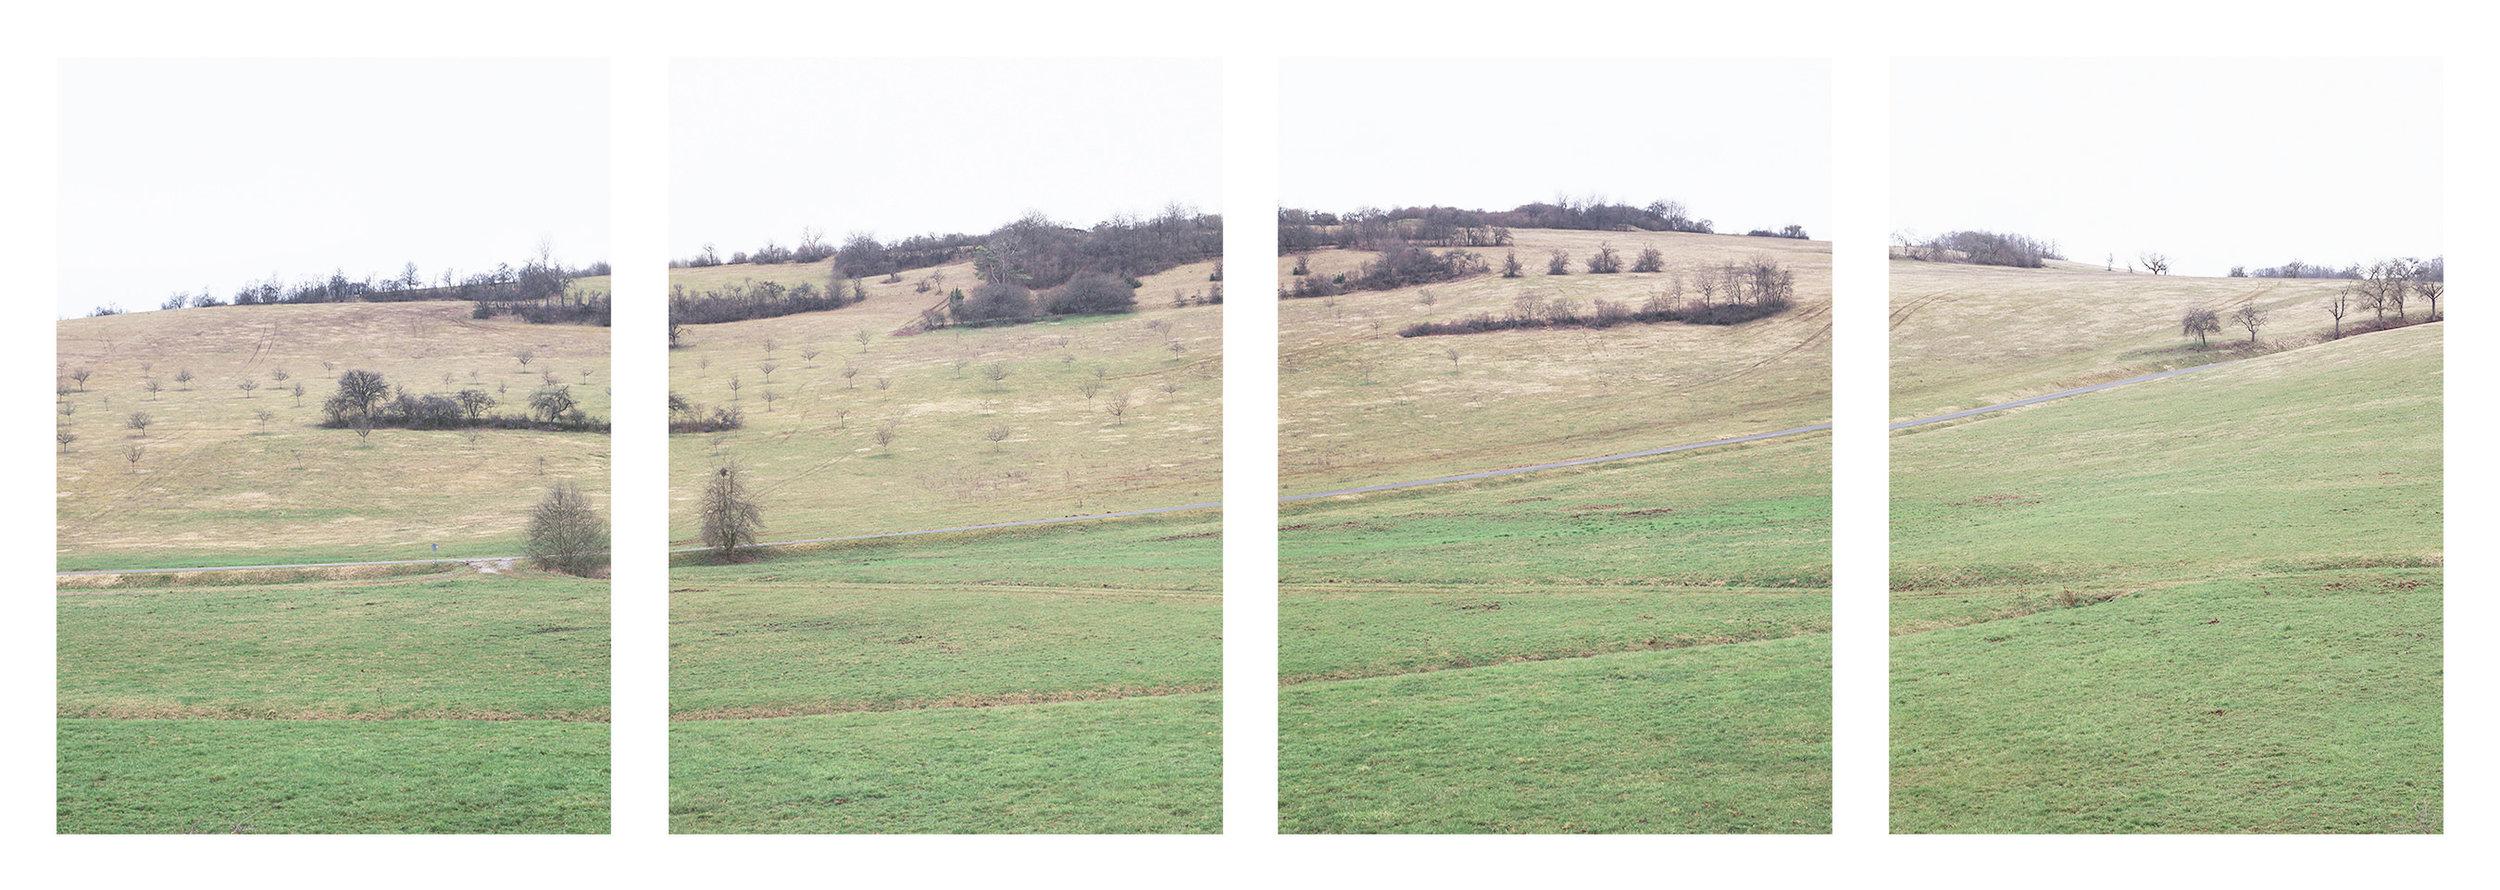 panorama Kopie.jpg